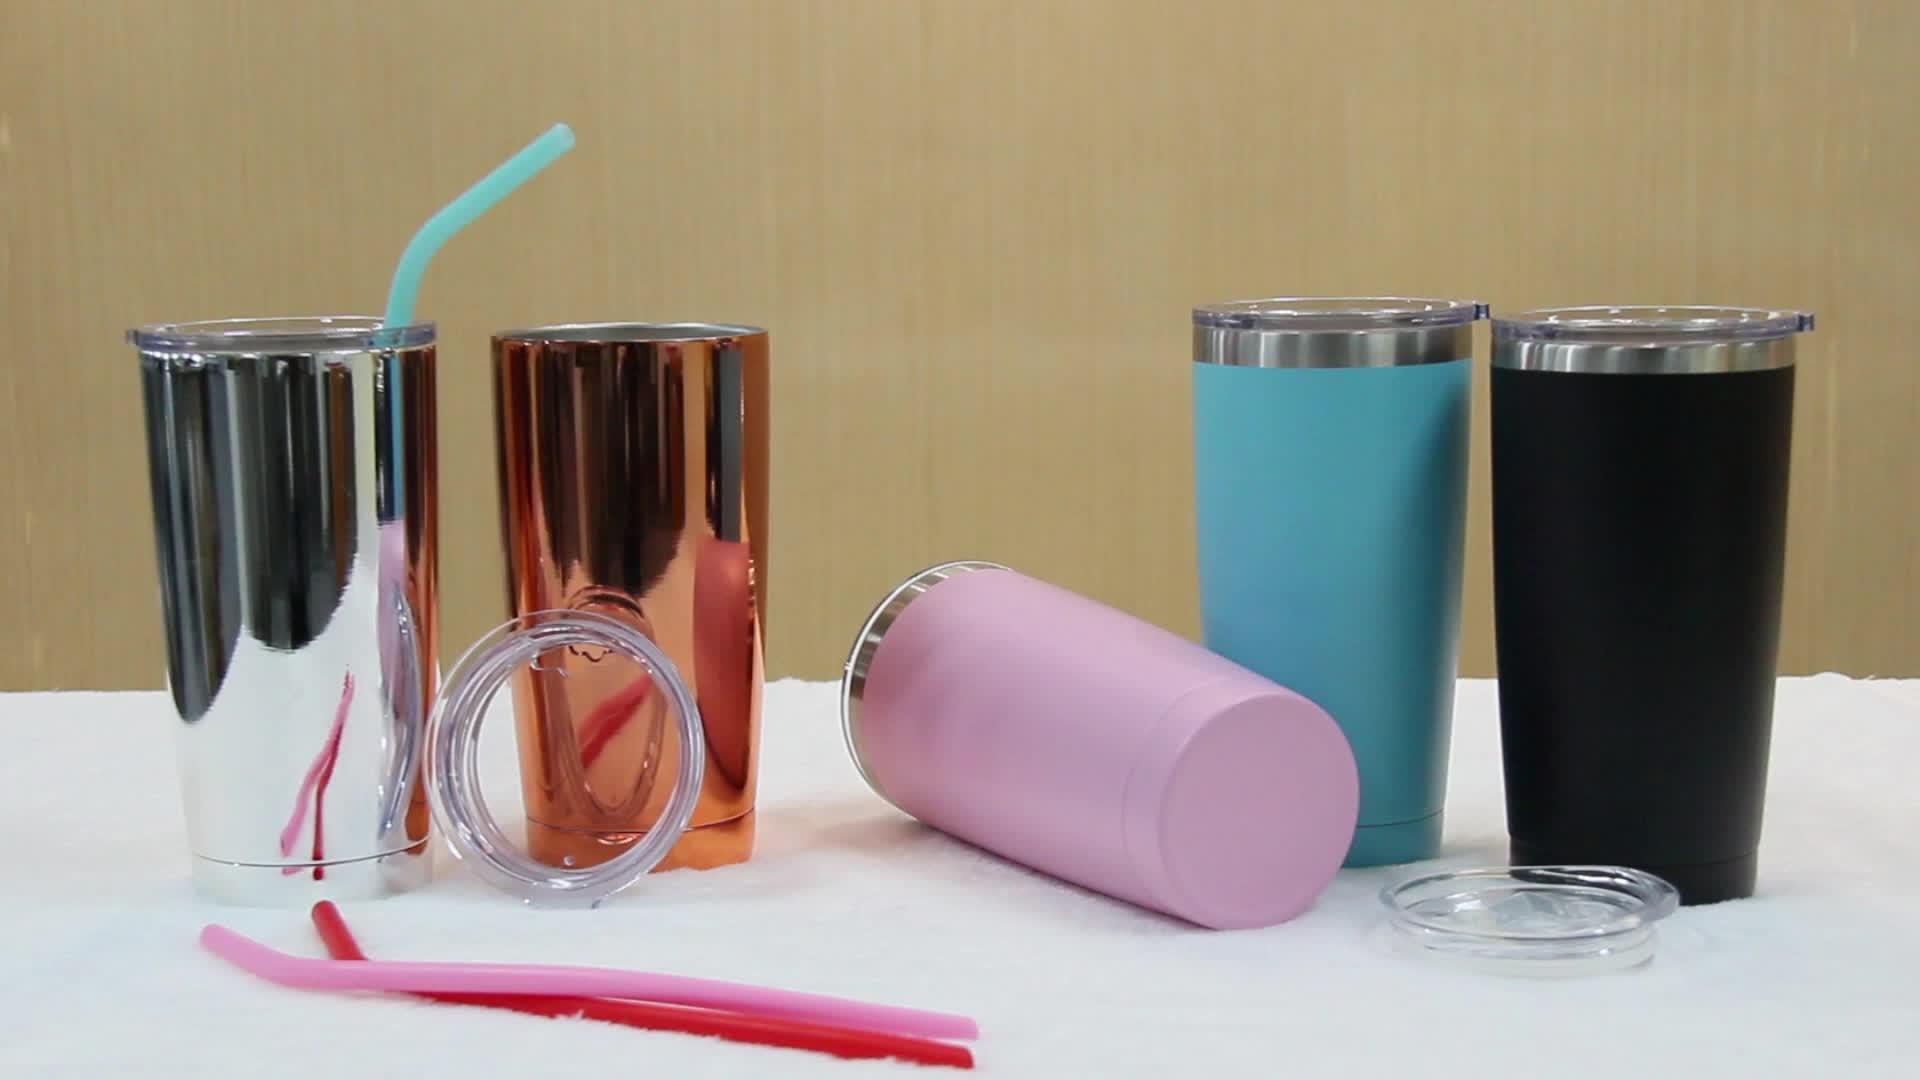 UV-20-oz-Weithals-Doppelwand-Vakuumisolierte Gold Edelstahl-Reise-Kaffeetasse mit BPA-freiem Schiebedeckel, Strohhalmen, Bürste